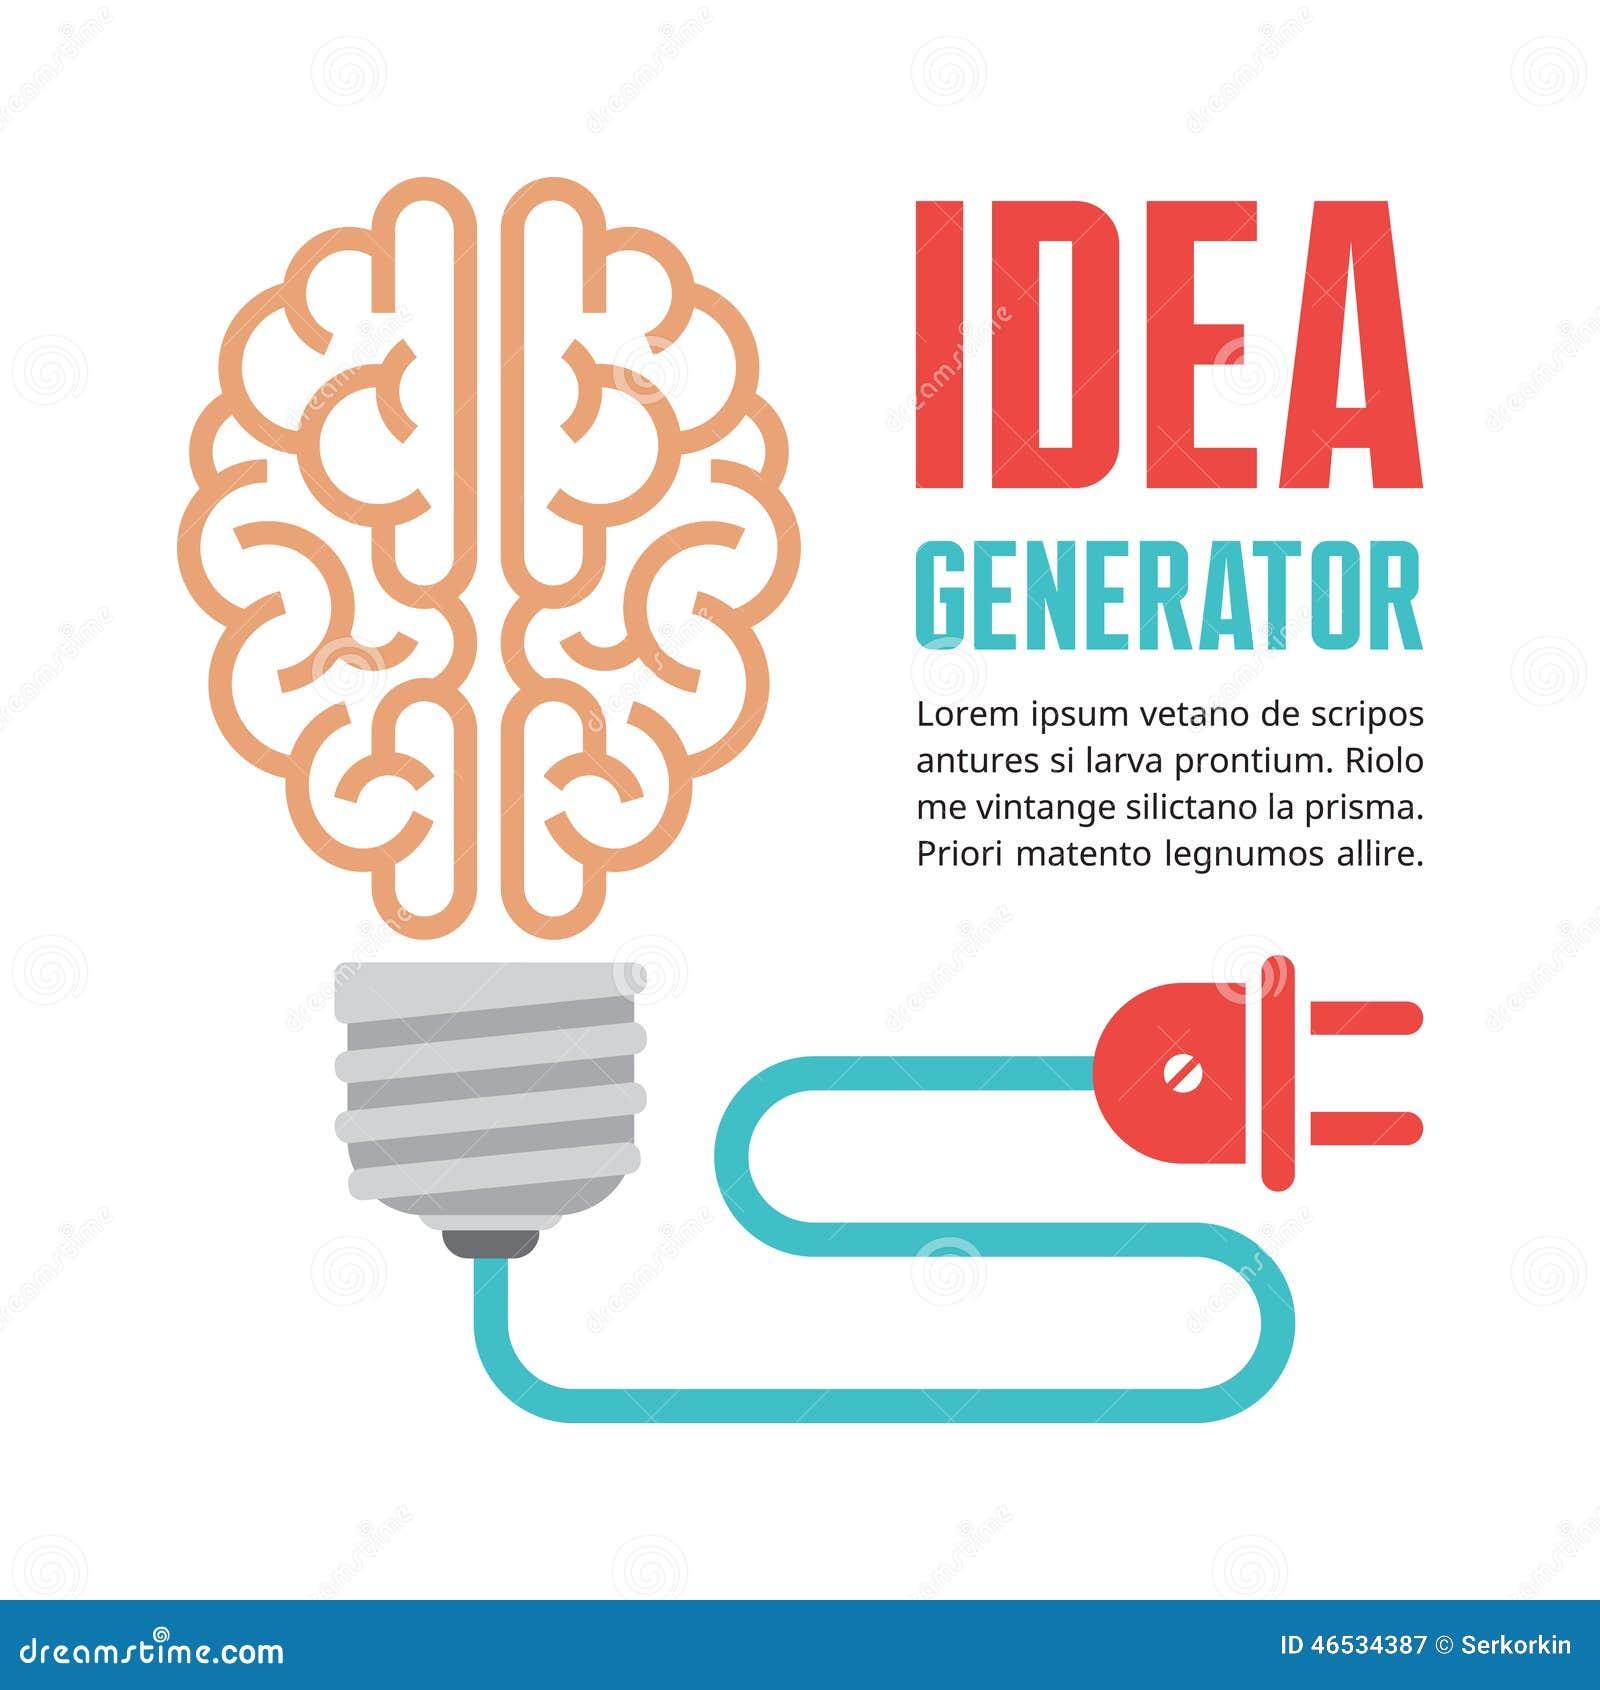 Cerebro humano en el ejemplo del vector de la bombilla Generador de la idea - concepto infographic creativo